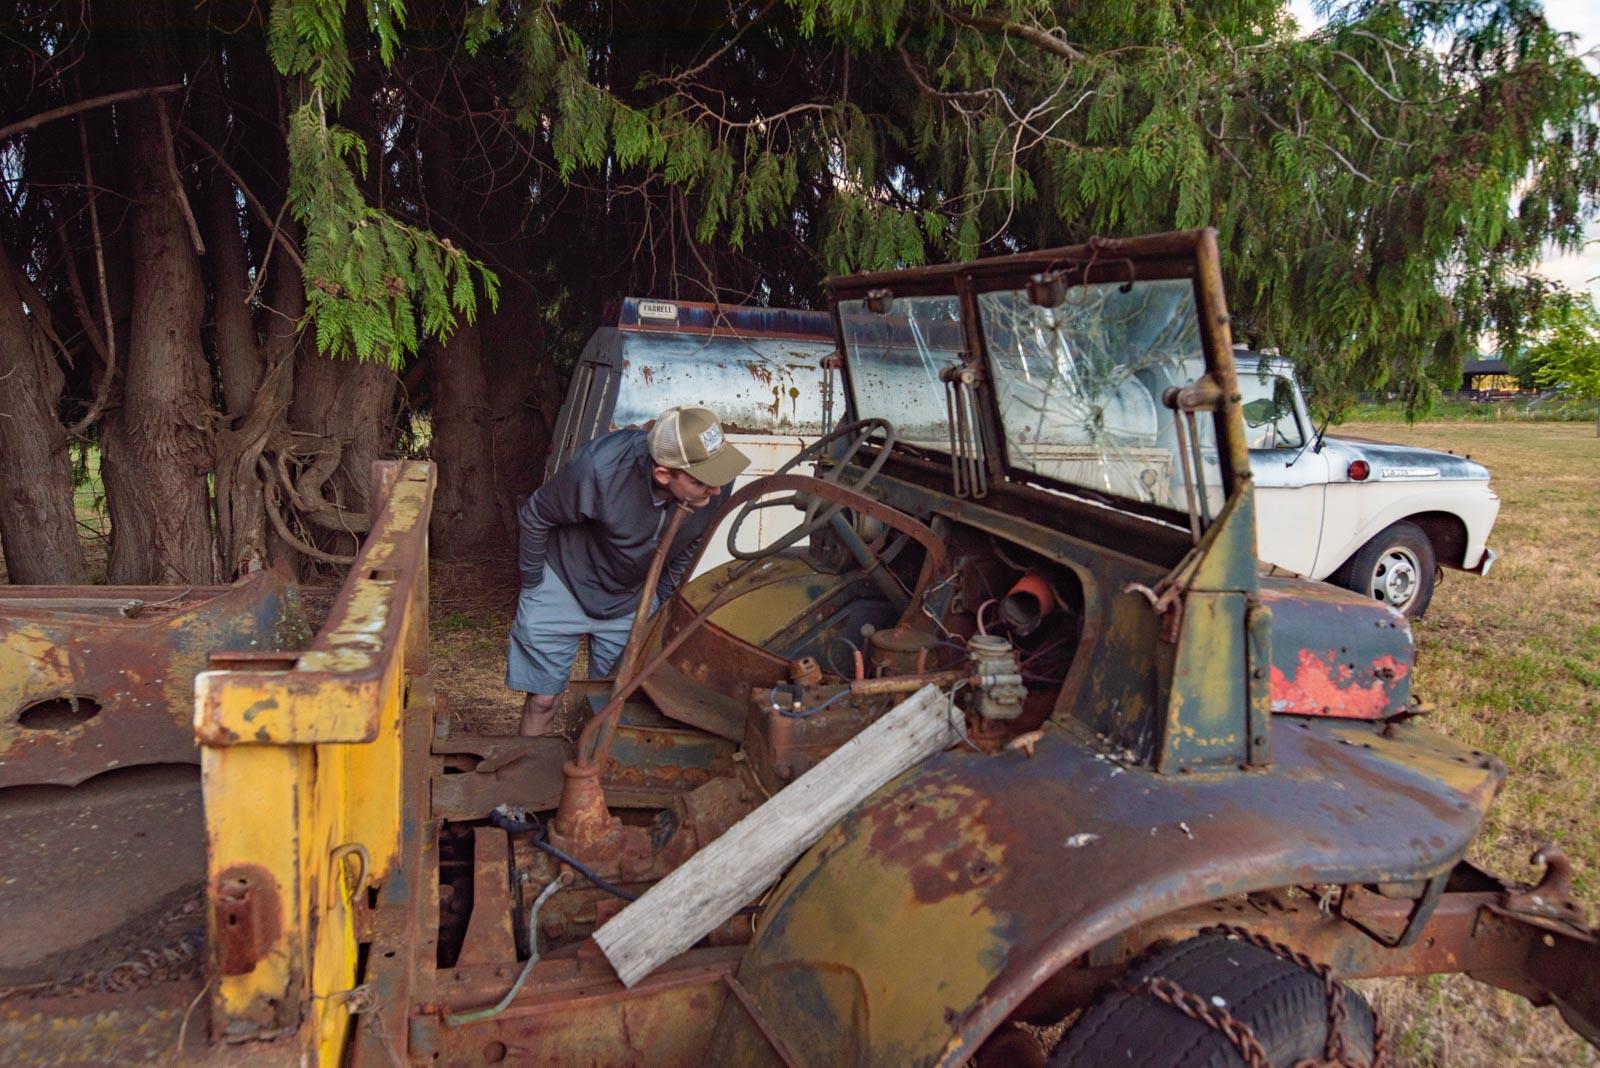 Trucks in the field